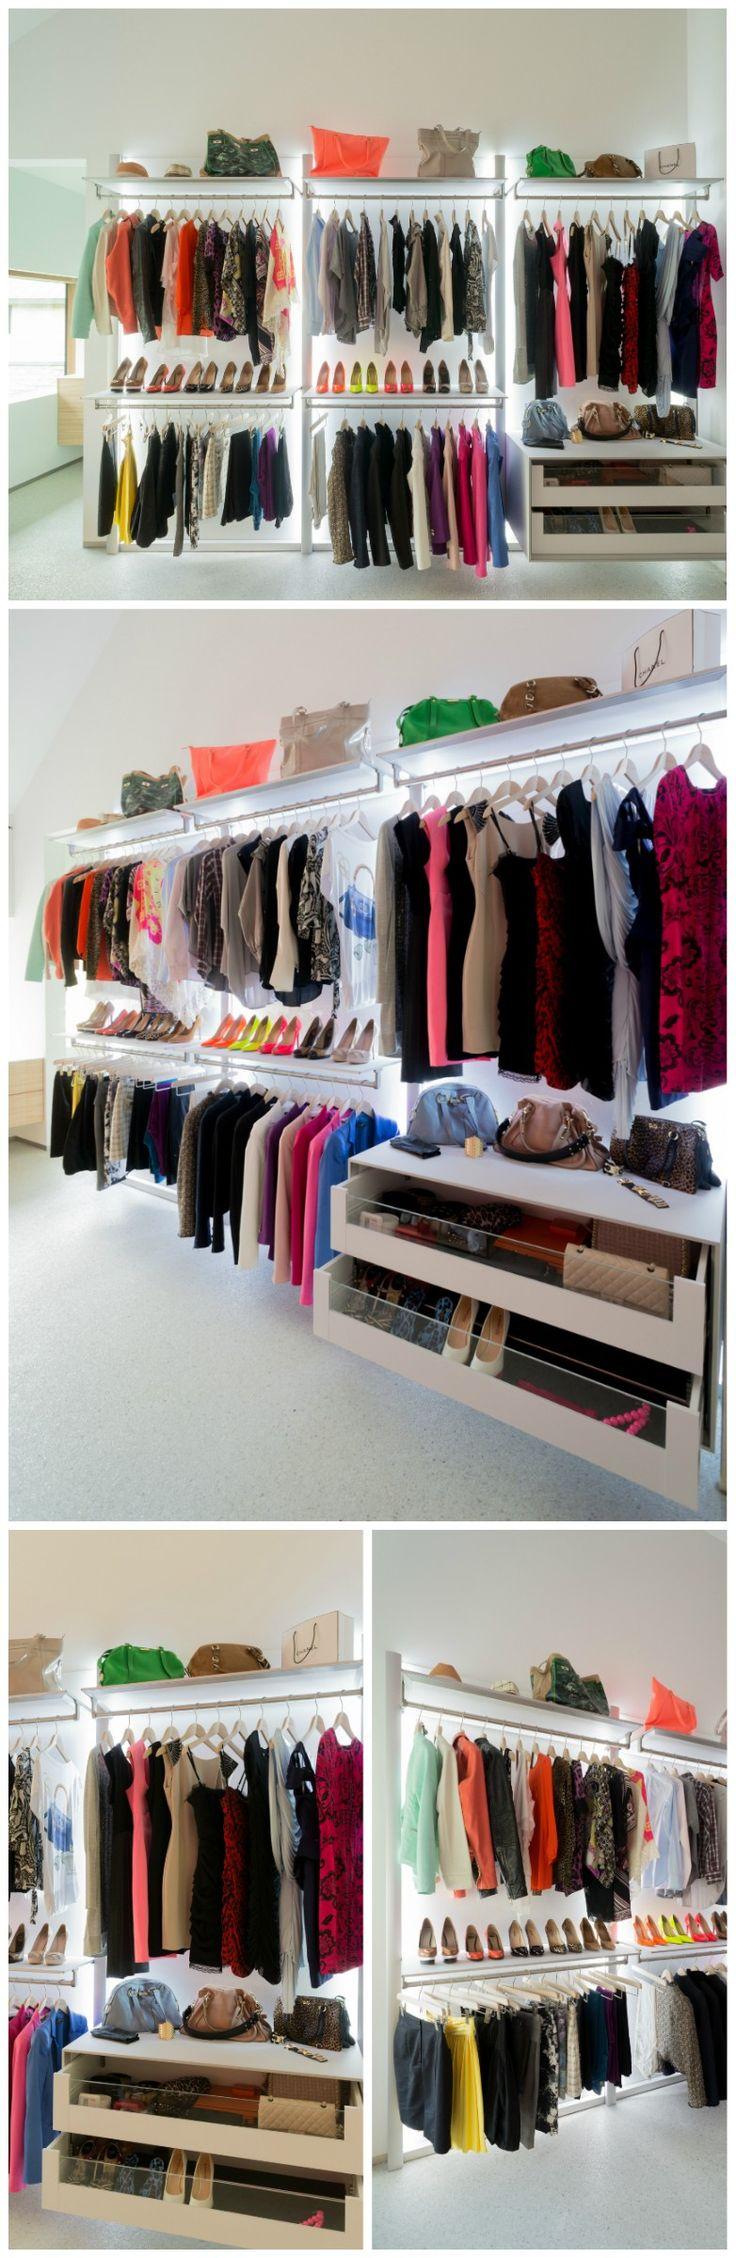 Design inloopkast op maat van DRESS-A-WAY, een innovatieve Belgische kastenspecialist. Het modulaire inloopkast systeem wordt volledig op maat gemaakt met hightech materialen. Geanodiseerd aluminium, volkern en glas zijn de hoofdbestandsdelen in de mix en zijn allemaal onderhoudsvriendelijk, kleurvast en solide materialen. Meer info: http://dressaway.com